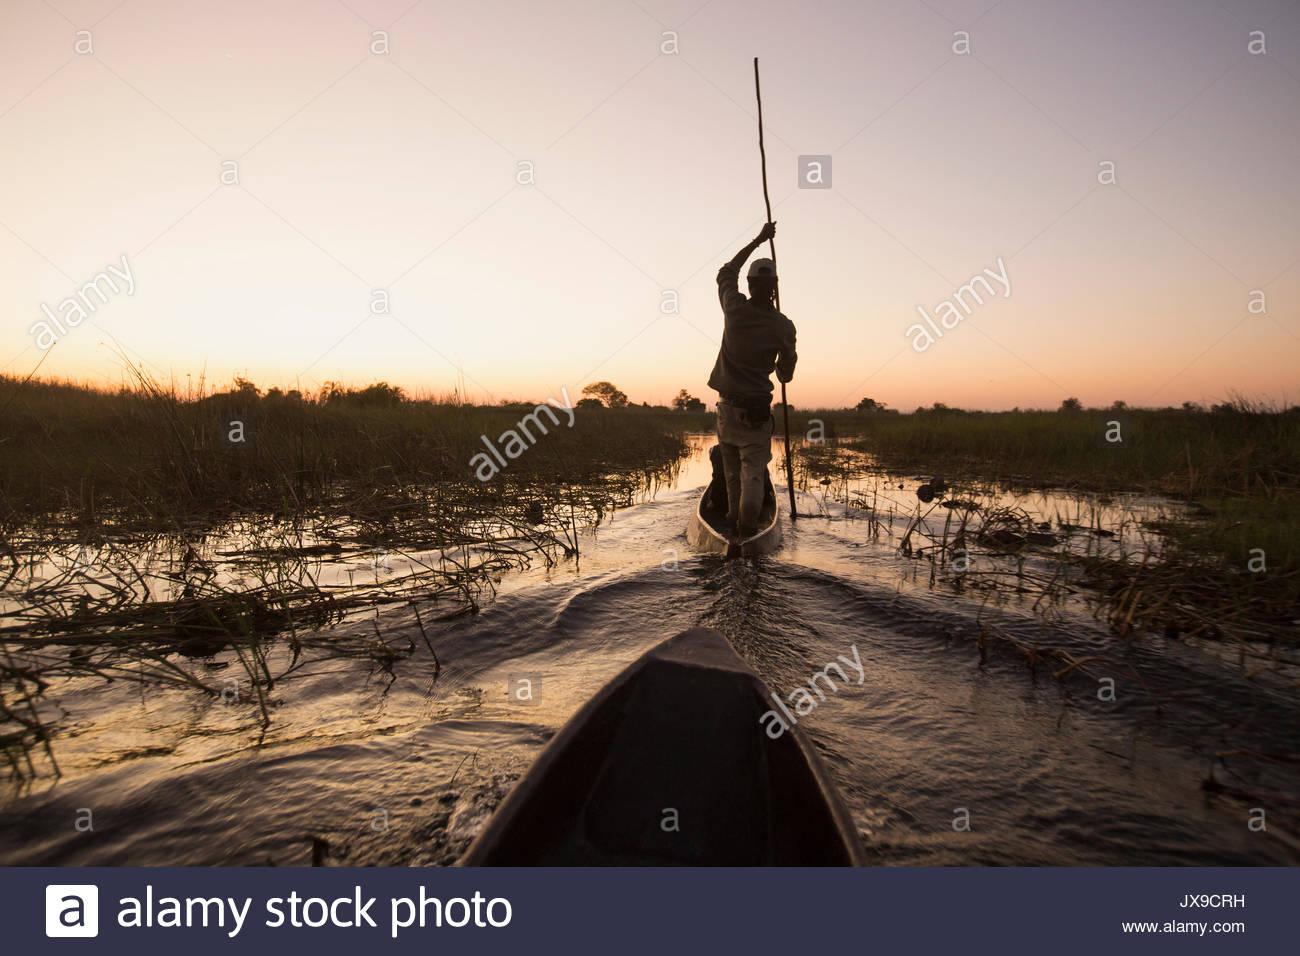 Travelers take Mokoros, or dugout canoes to travel around the Okavango Delta. - Stock Image